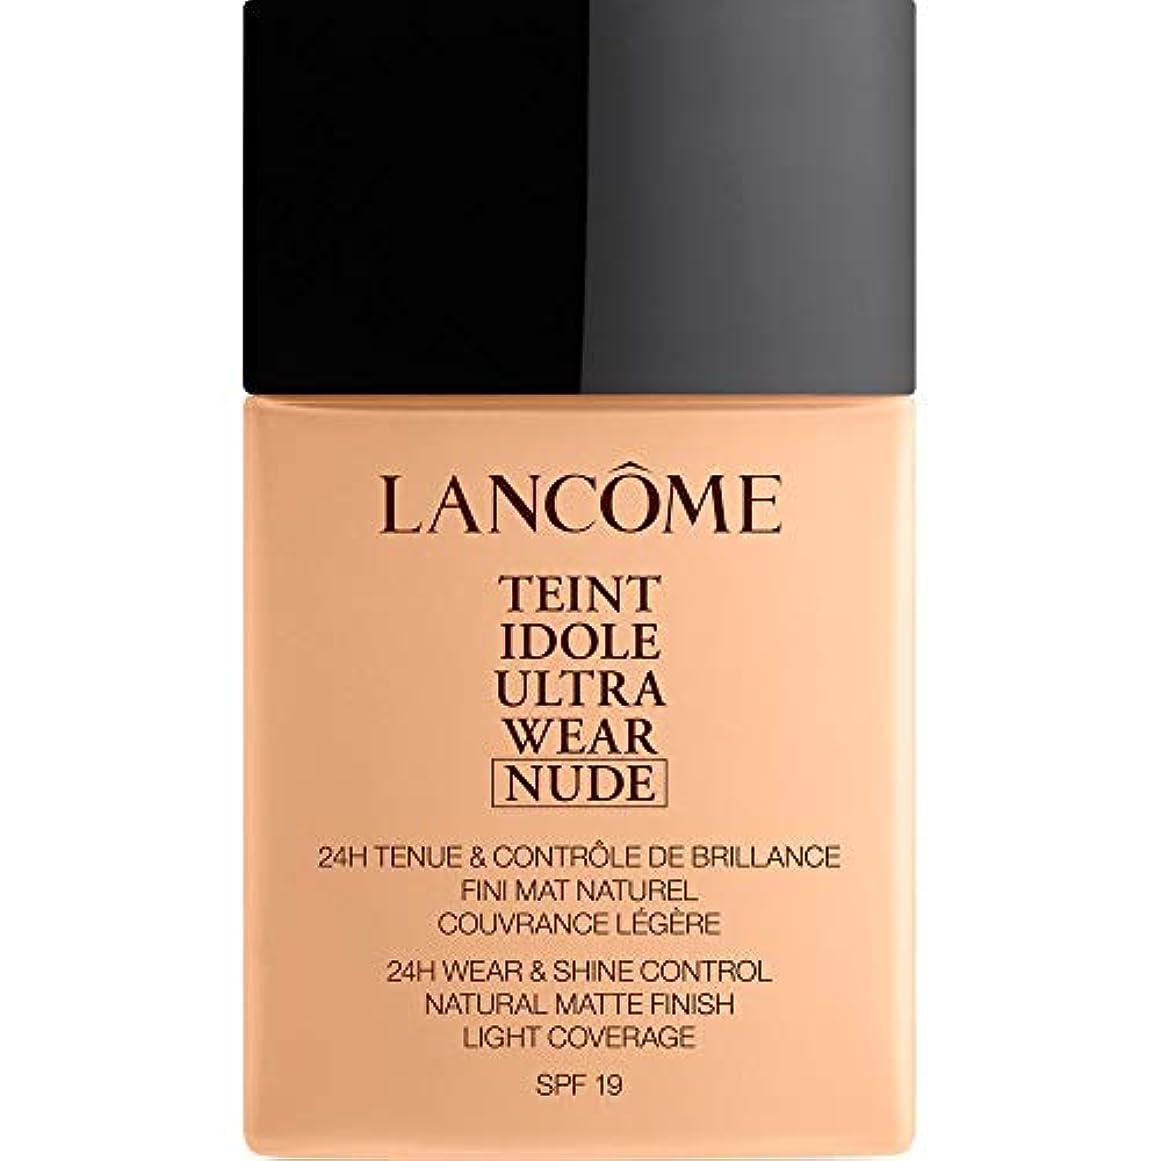 減らす無し株式[Lanc?me ] ランコムTeintのIdole超摩耗ヌード財団Spf19の40ミリリットル025 - ベージュLin - Lancome Teint Idole Ultra Wear Nude Foundation...